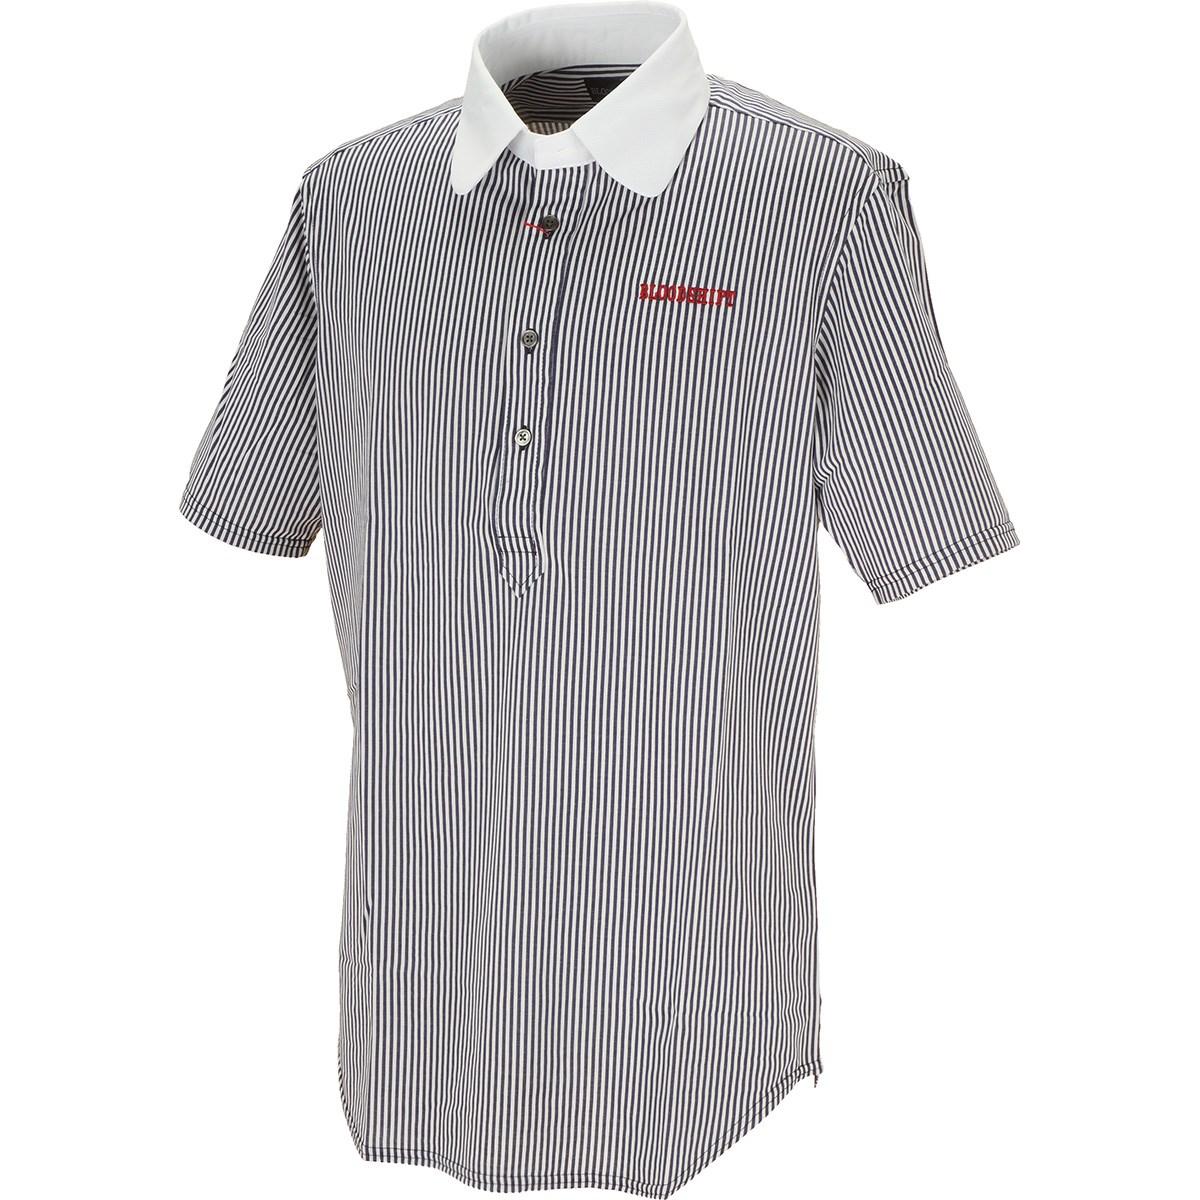 ブラッドシフト クレリック ラウンドカラー半袖ポロシャツ